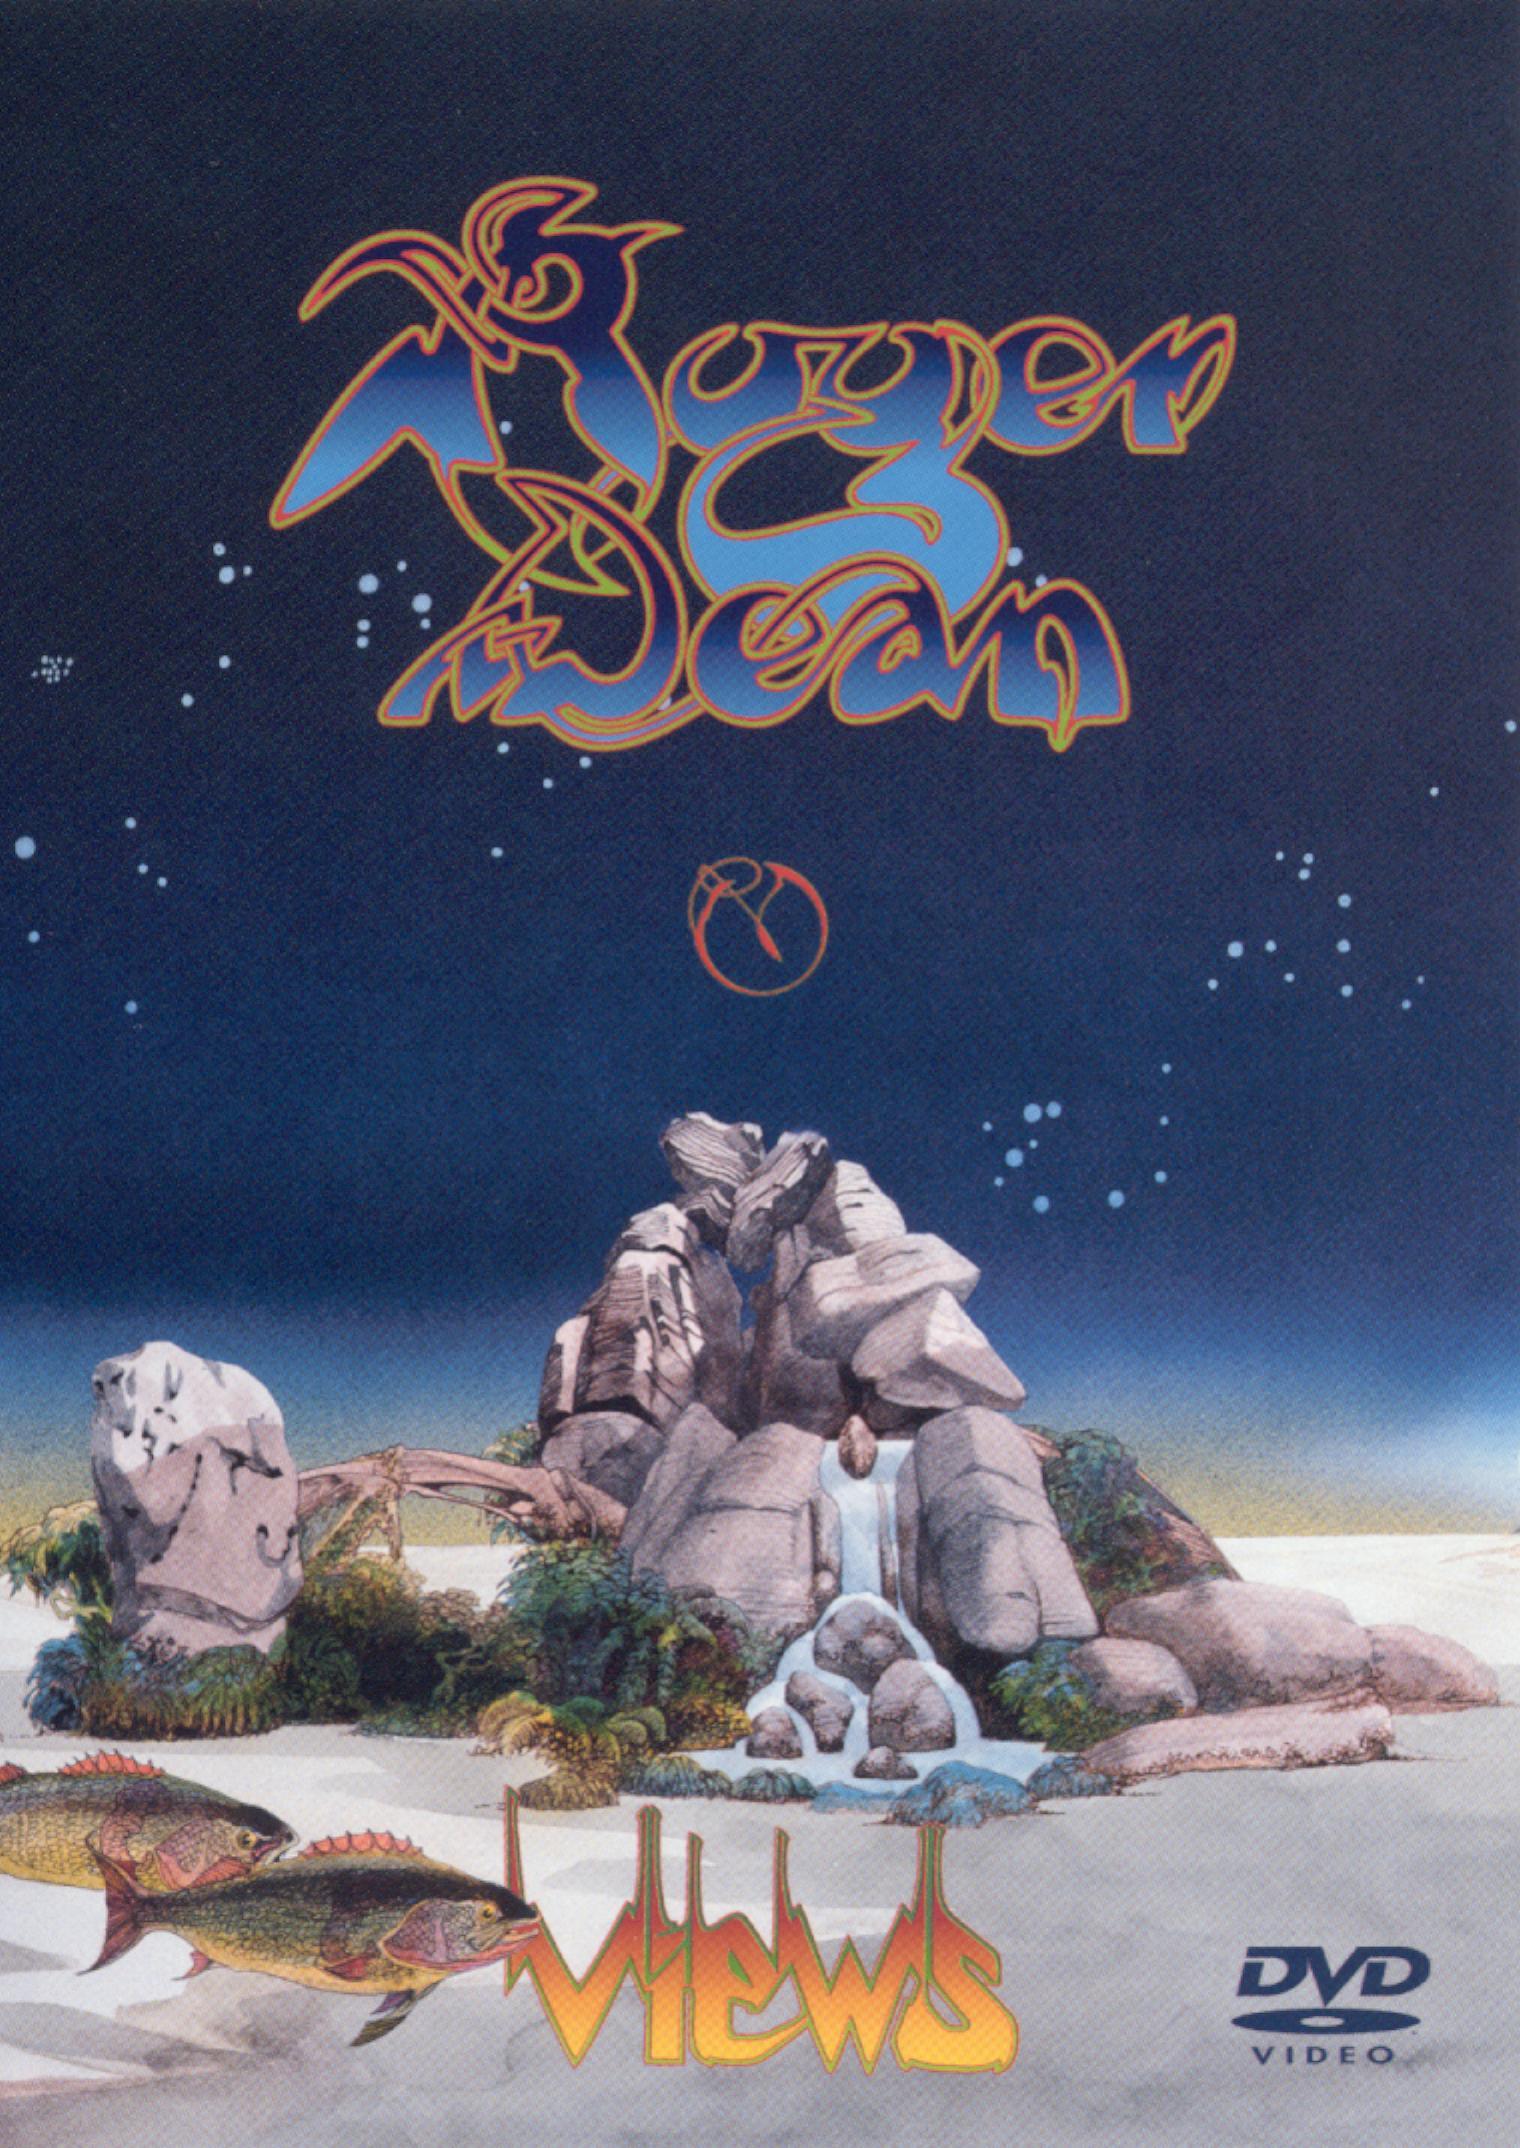 Roger Dean: Views